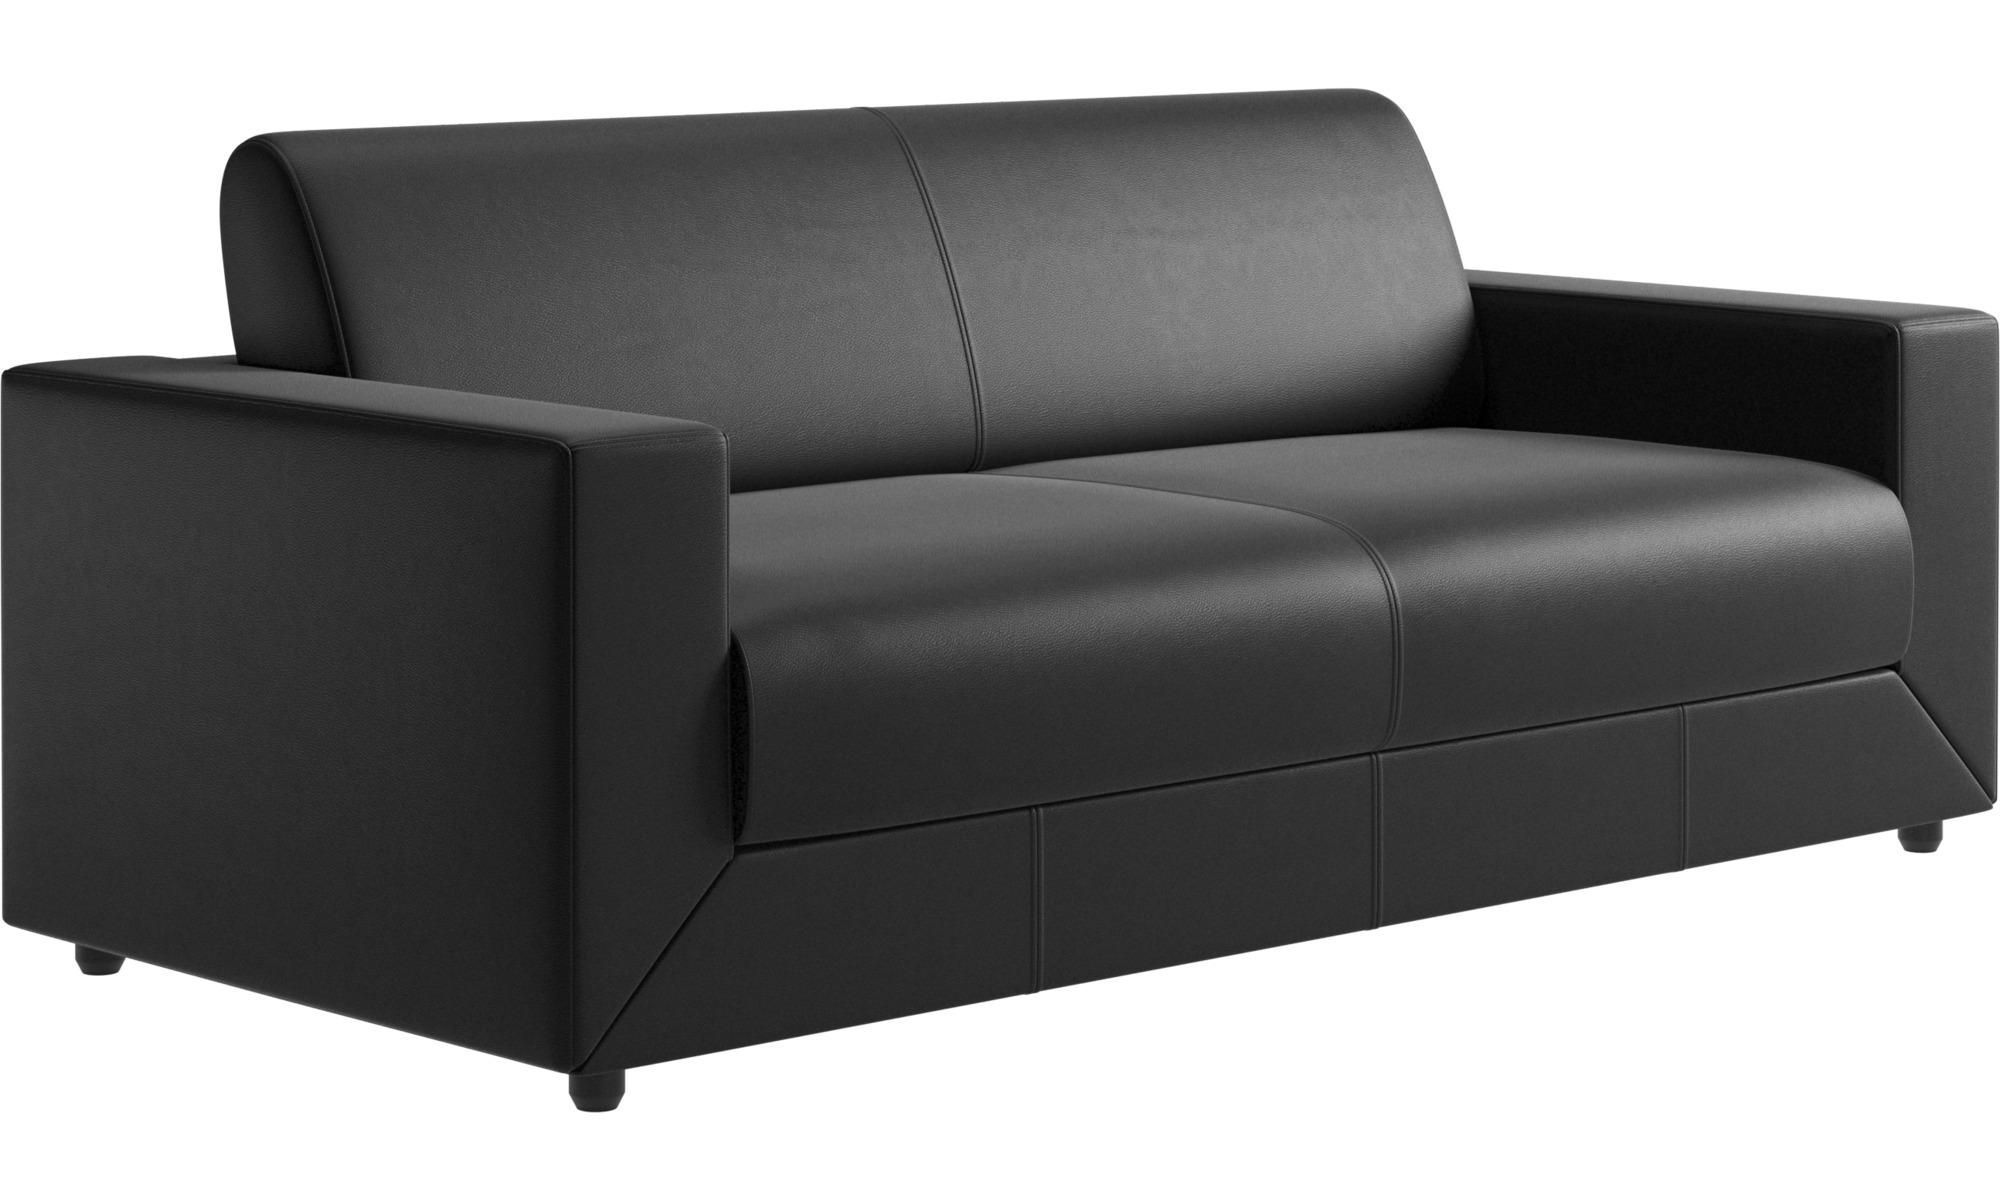 sofa beds stockholm sofa bed boconcept. Black Bedroom Furniture Sets. Home Design Ideas